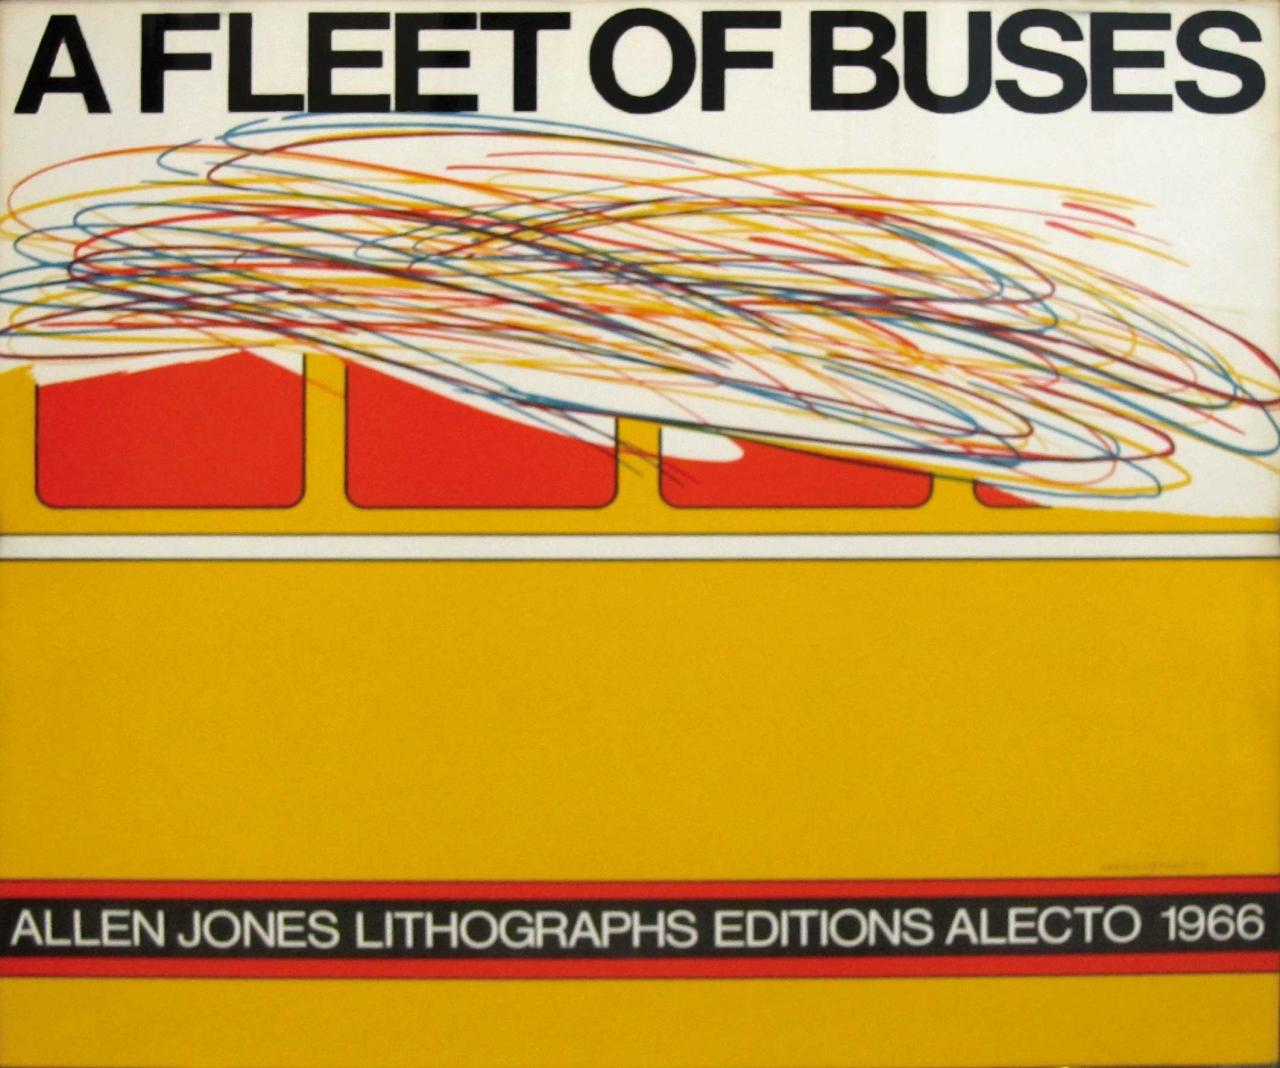 Allen Jones: A Fleet of Buses